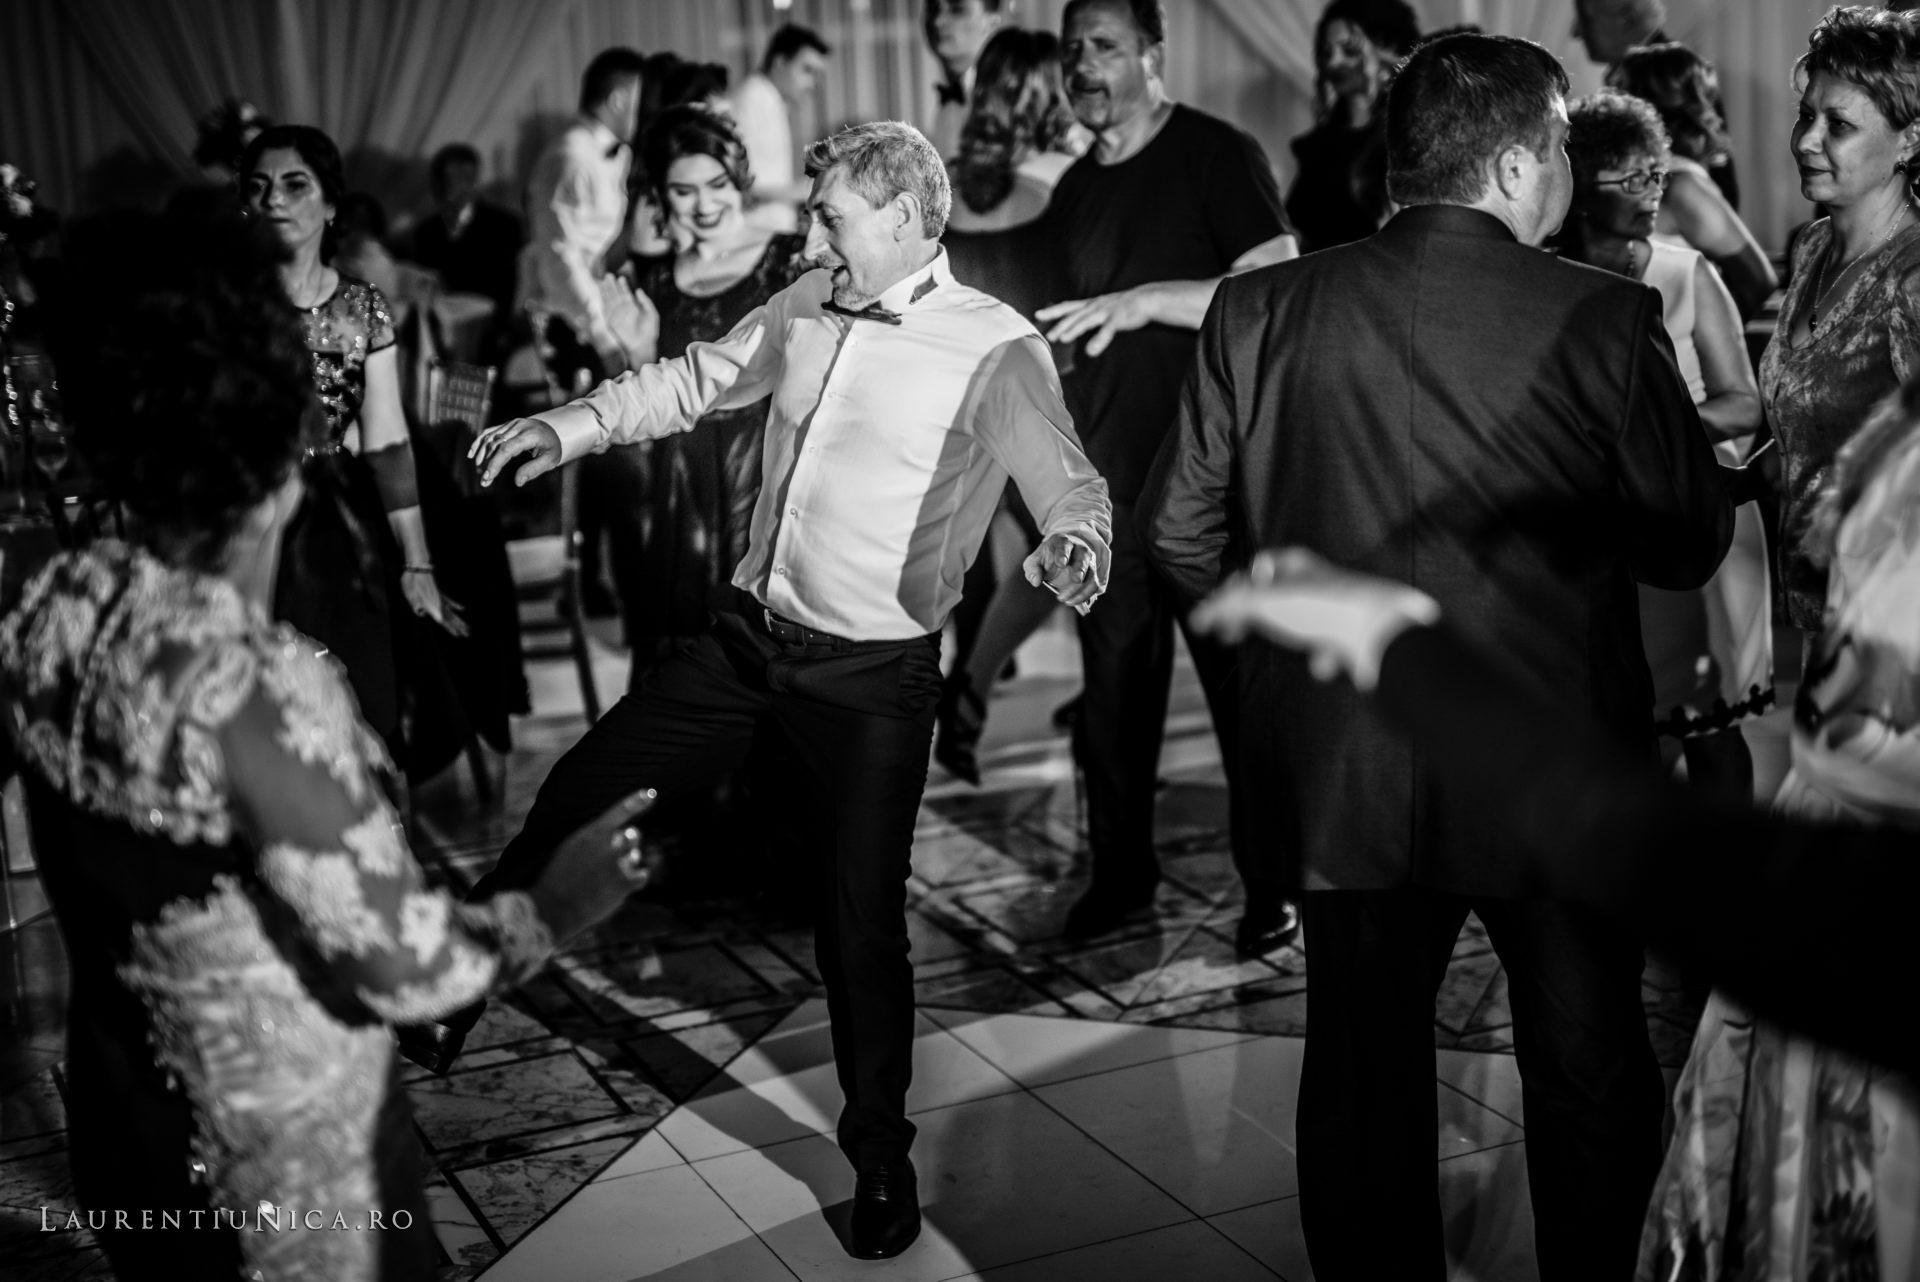 denisa si catalin fotograf nunta laurentiu nica craiova 80 - Denisa si Catalin | Fotografii nunta | Craiova